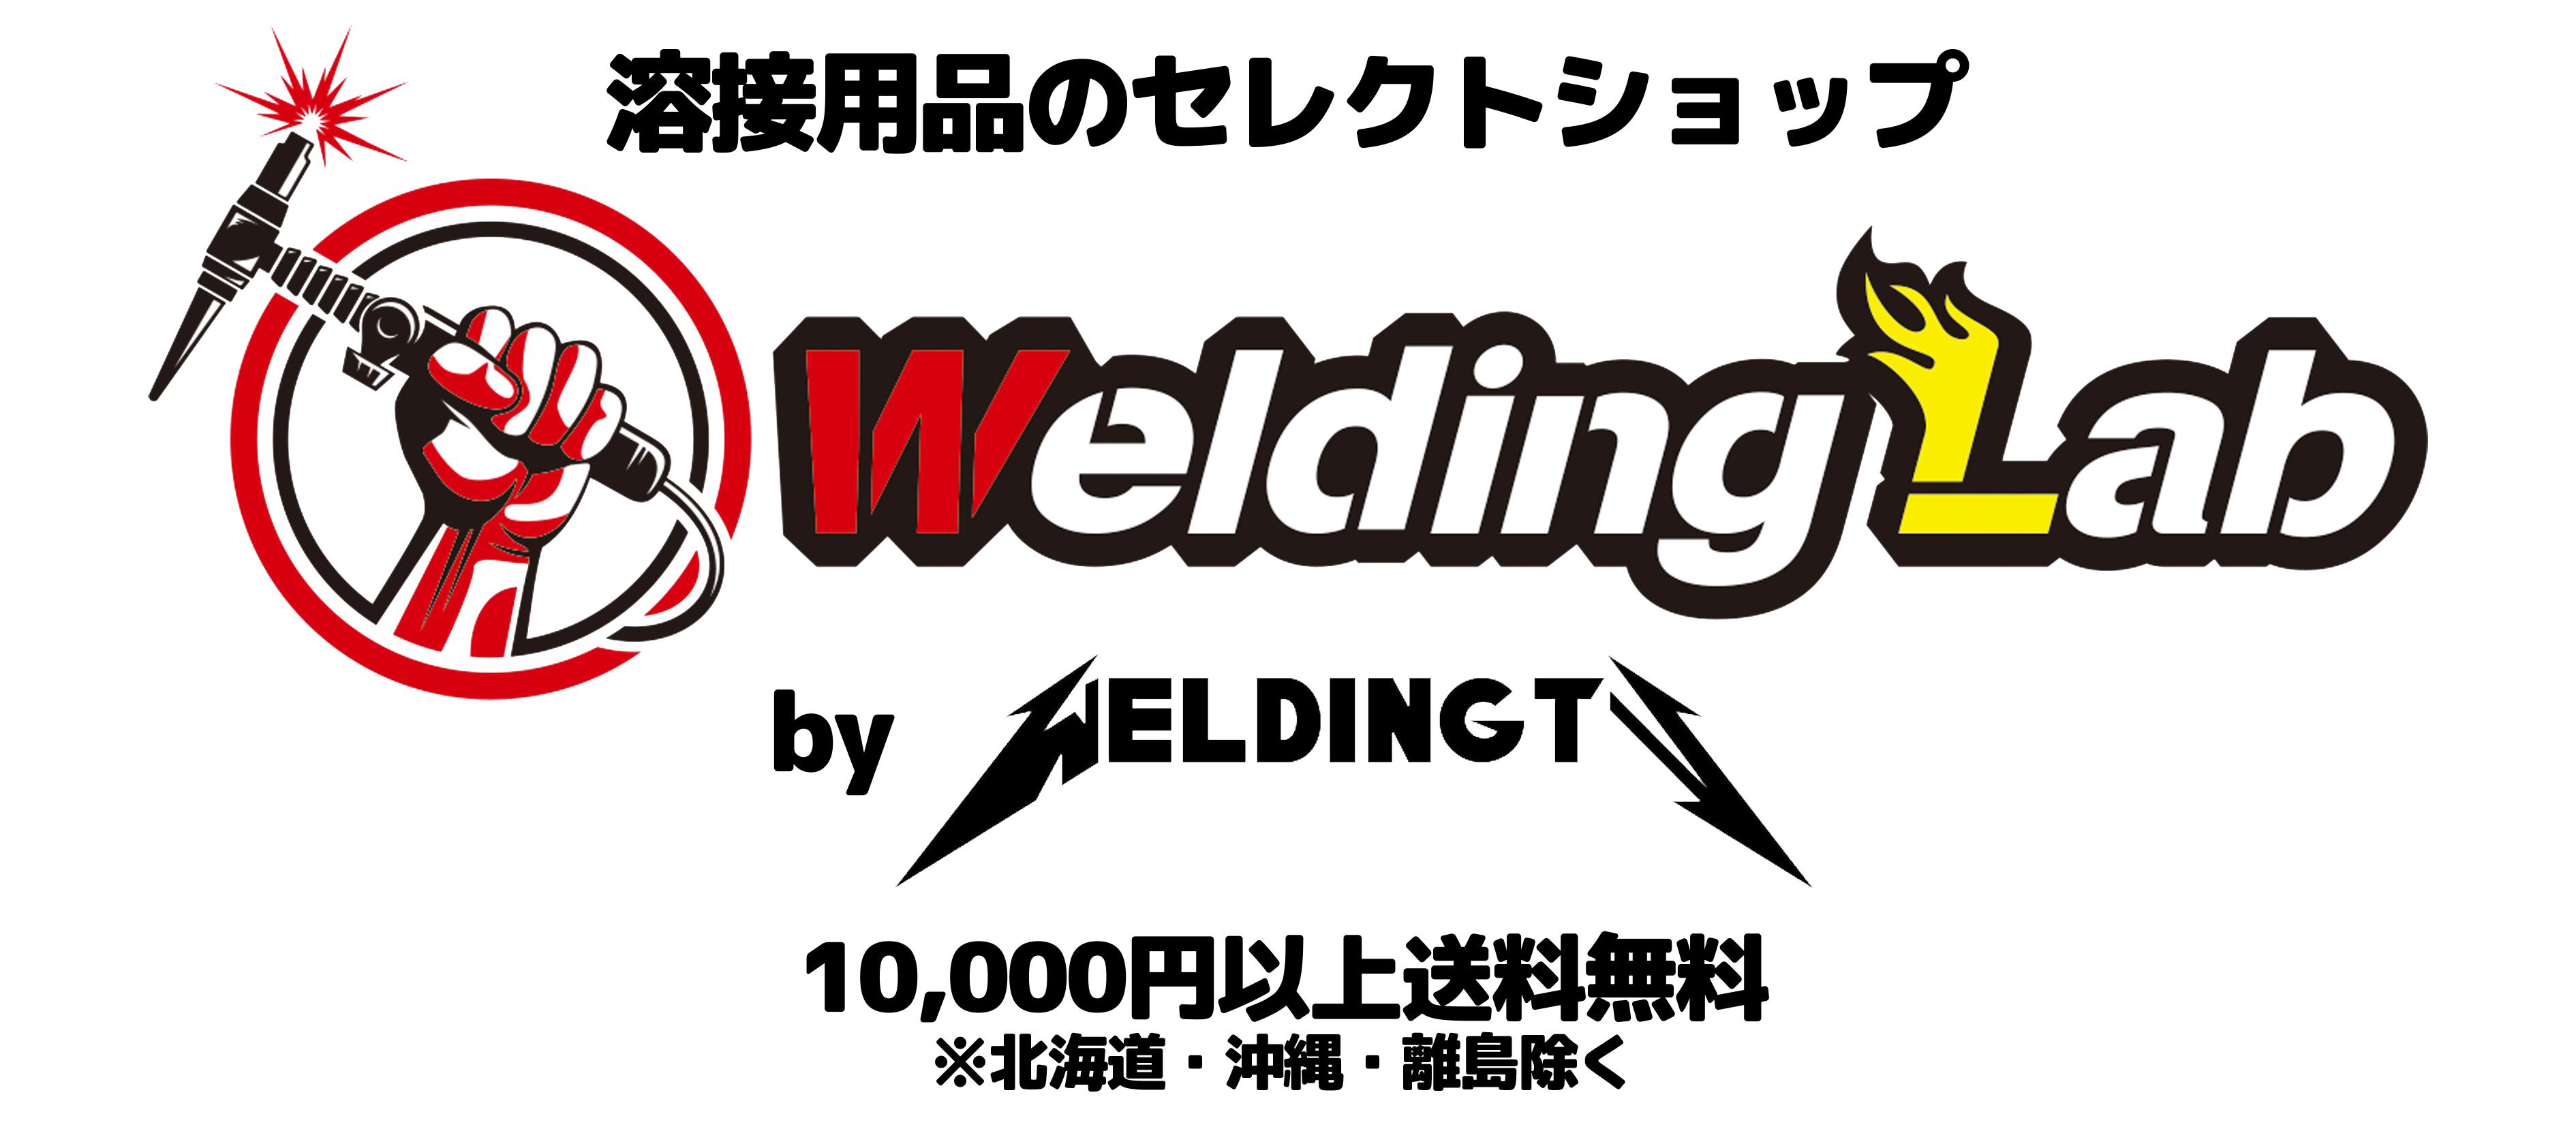 Welding Lab|溶接用品専門のセレクトショップ